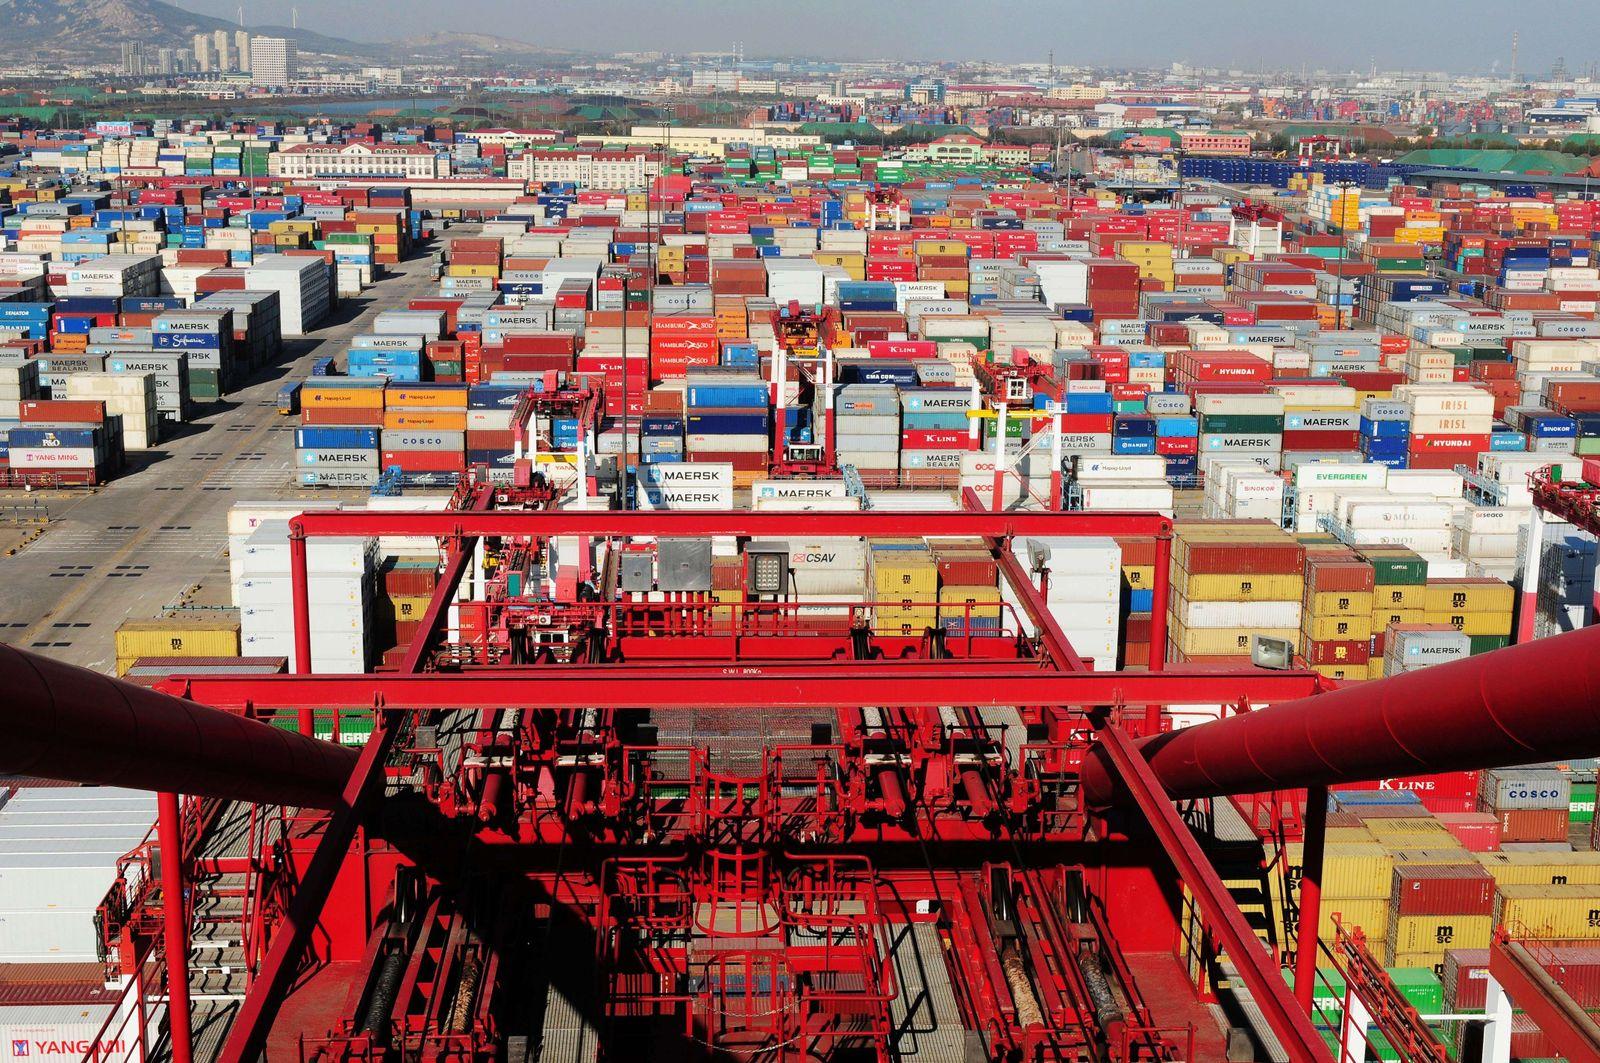 Hafen China Qingdao Export